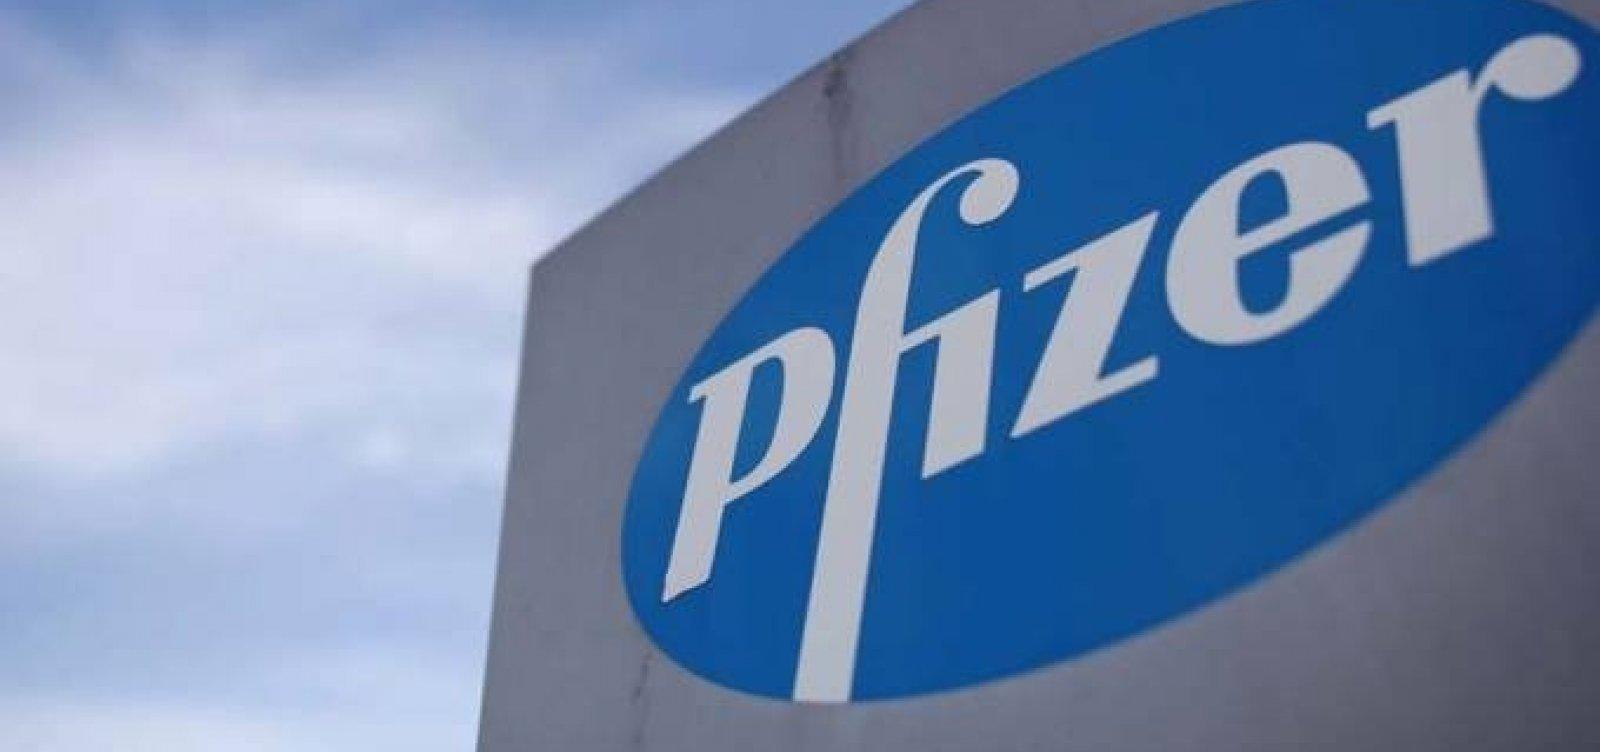 Vacina da Pfizer conseguiu neutralizar três variantes do coronavírus, diz estudo